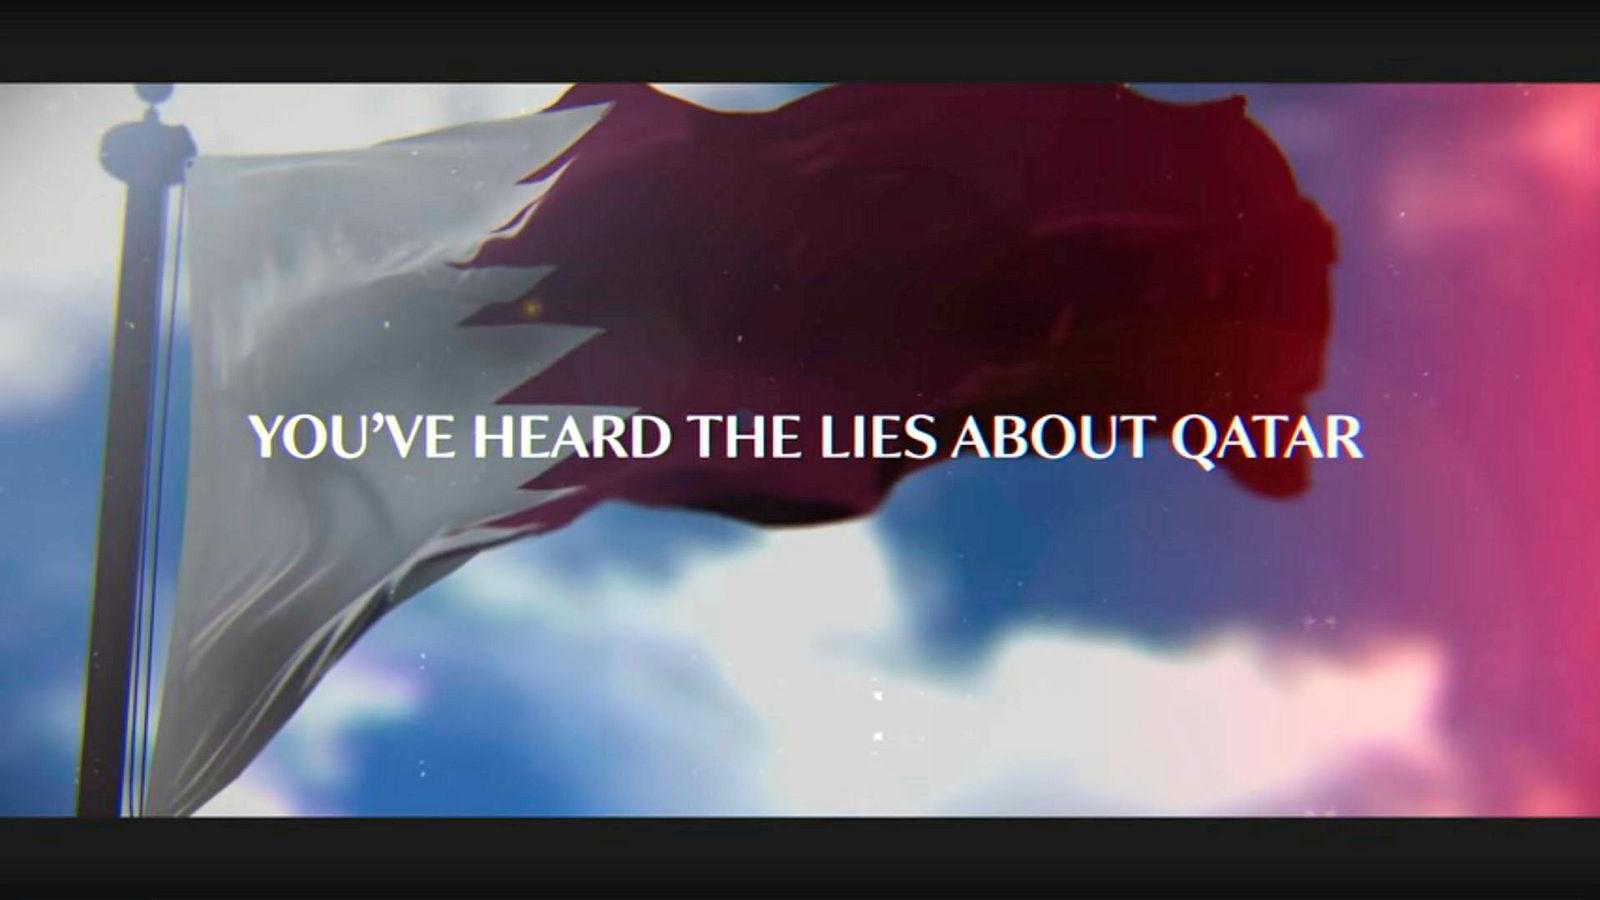 Denne reklamen ha rullet på amerikanske tv-skjermer denne uka. Skjermdump: Youtube